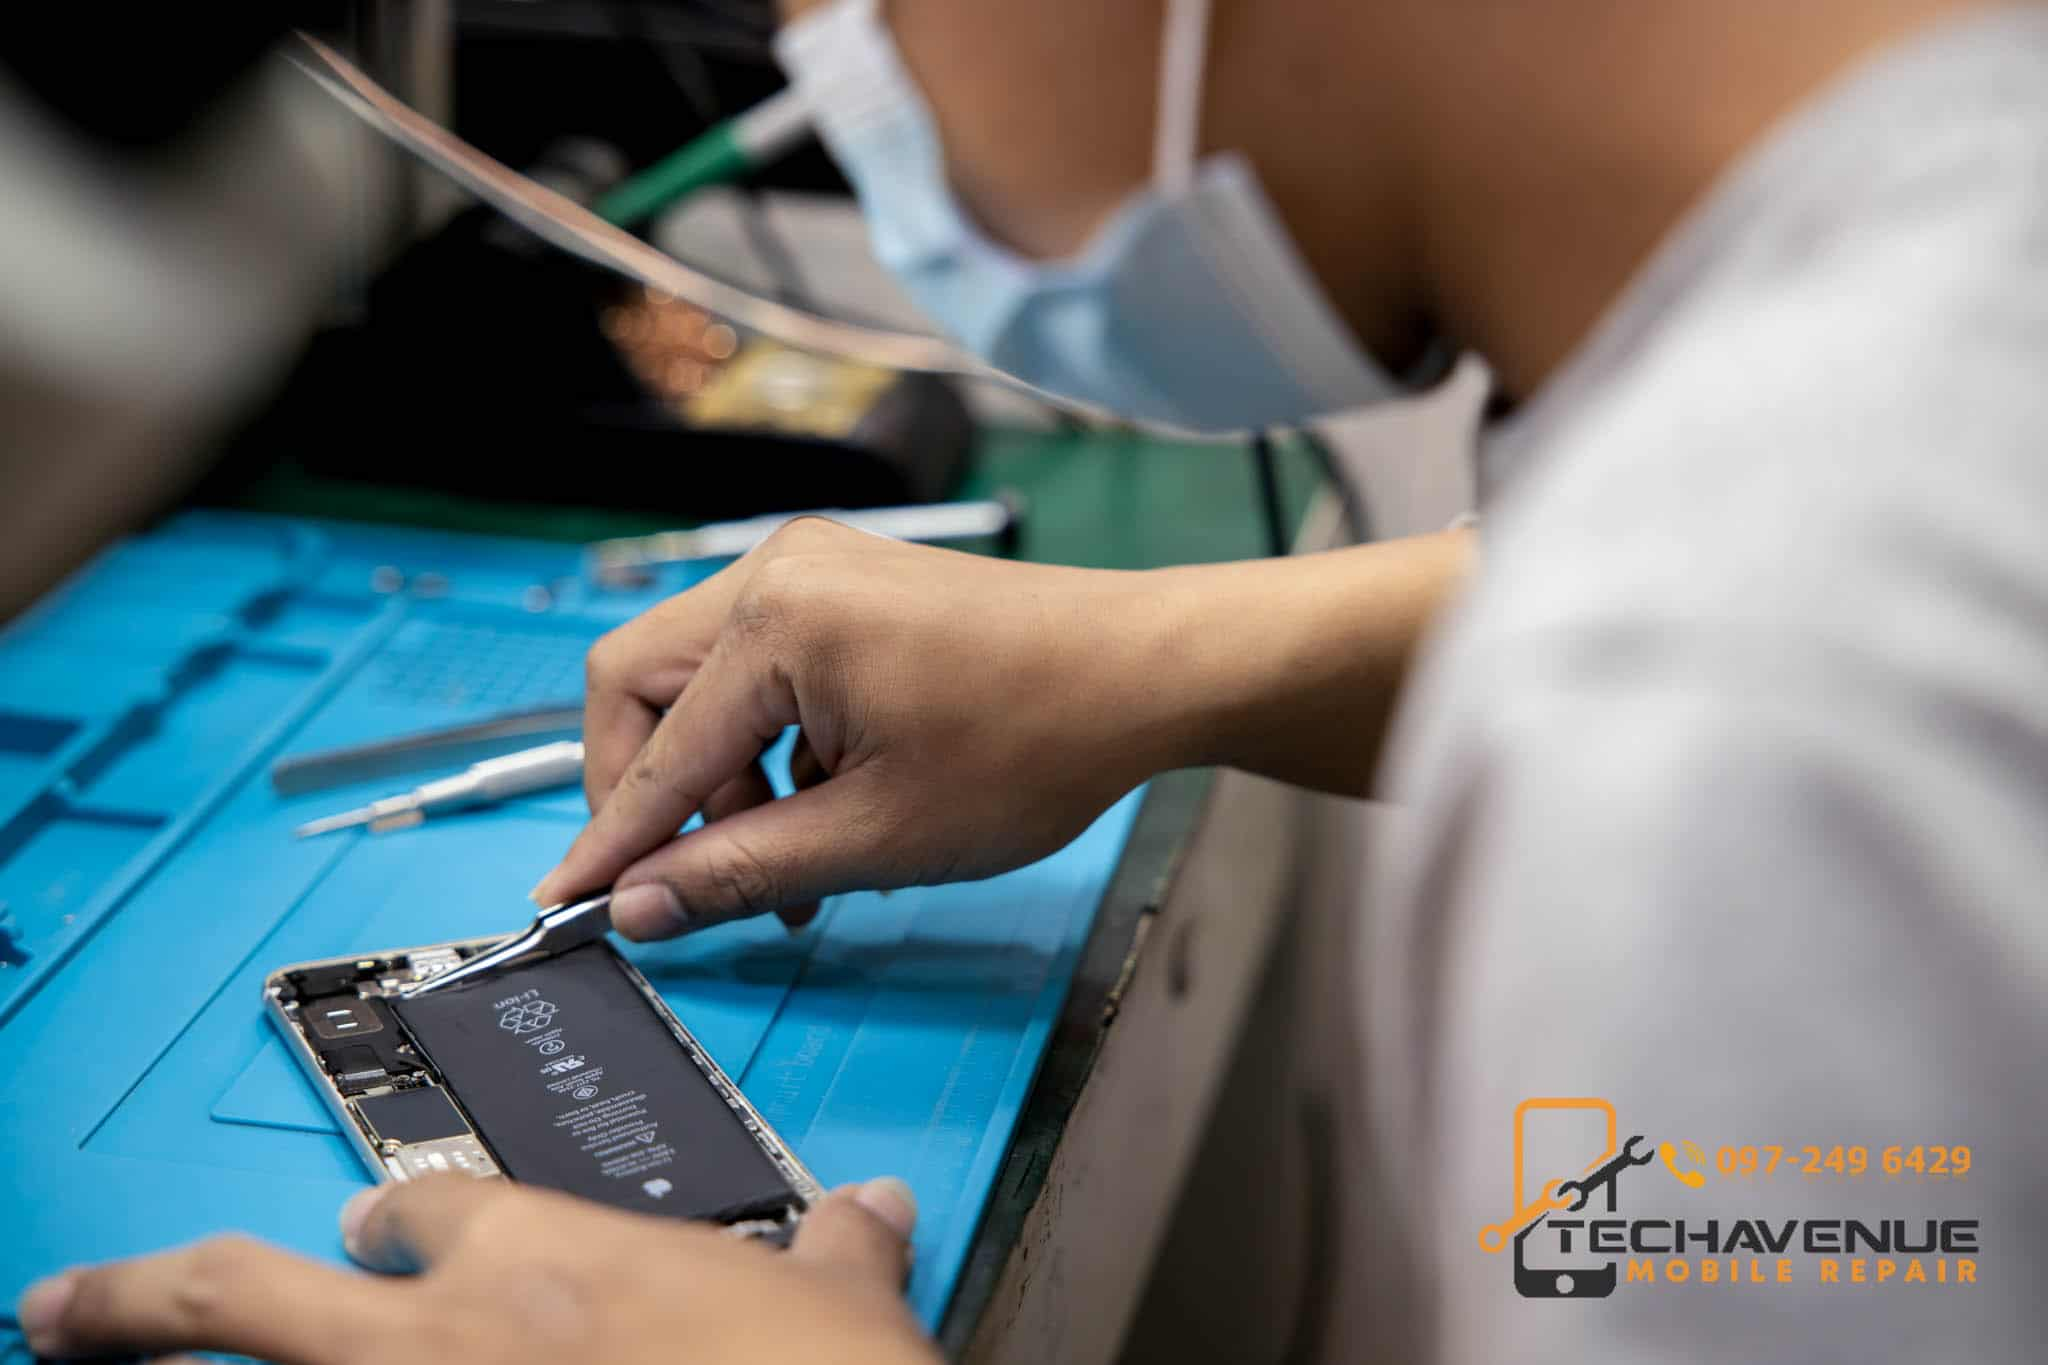 จอทัชสกรีนมีปัญหา ซ่อมมือถือร้านไหนดี ส่งซ่อมสะดวก 🥇 ศูนย์ซ่อม โทรศัพท์มือถือ มือถือทุกรุ่น ทุกยี่ห้อ iPhone | Apple | Samsung | Huawei